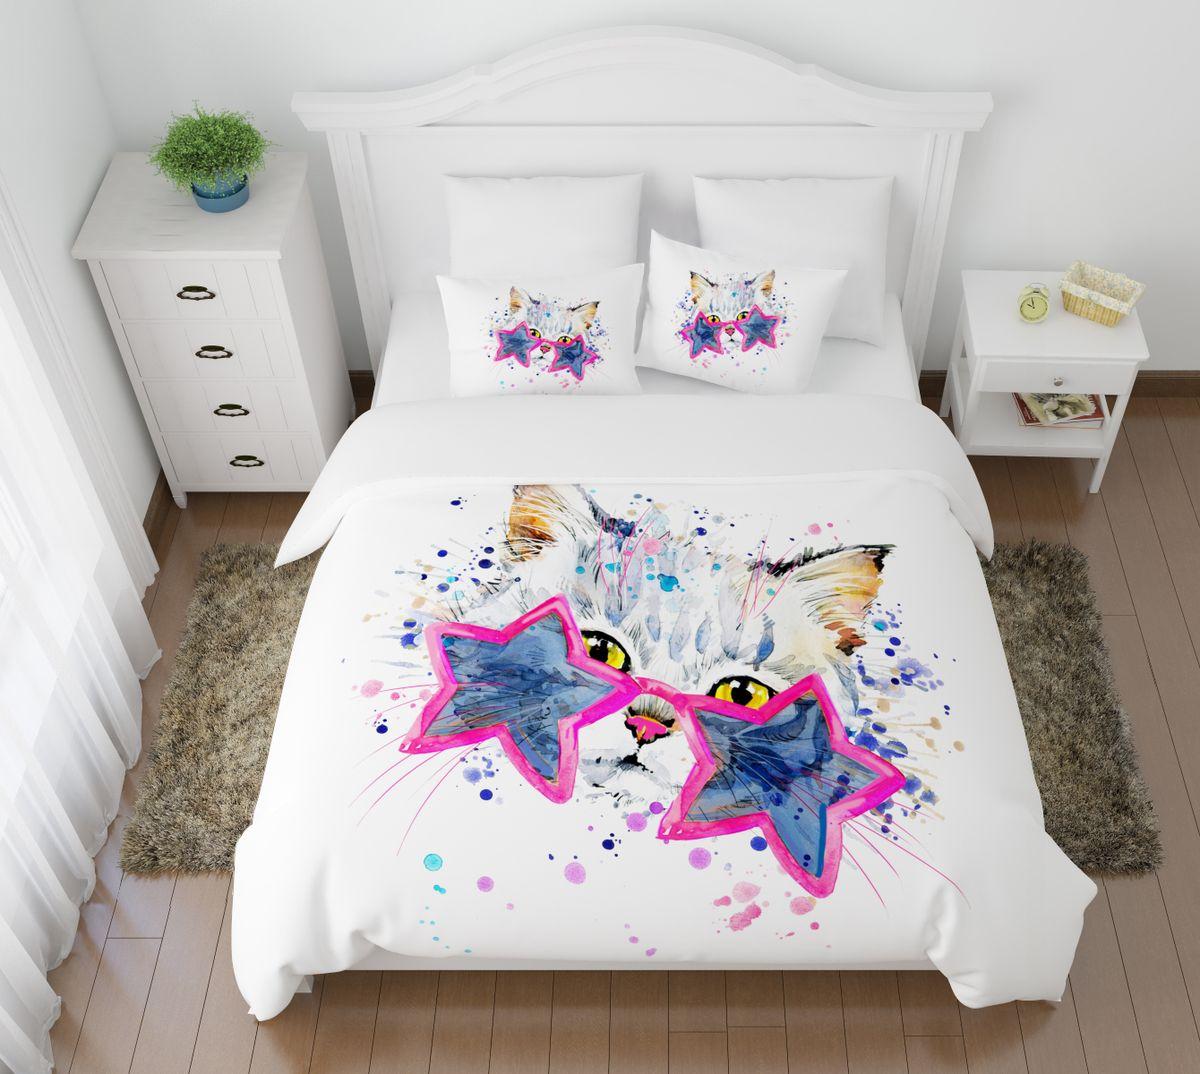 Комплект белья Сирень Звездный кот, 2-спальный, наволочки 50х70FA-5125 WhiteКомплект постельного белья Сирень выполнен из прочной и мягкой ткани. Четкий и стильный рисунок в сочетании с насыщенными красками делают комплект постельного белья неповторимой изюминкой любого интерьера.Постельное белье идеально подойдет для подарка. Идеальное соотношение смешенной ткани и гипоаллергенных красок - это гарантия здорового, спокойного сна. Ткань хорошо впитывает влагу, надолго сохраняет яркость красок.В комплект входят: простынь, пододеяльник, две наволочки. Постельное белье легко стирать при 30-40°С, гладить при 150°С, не отбеливать. Рекомендуется перед первым использованием постирать.УВАЖАЕМЫЕ КЛИЕНТЫ! Обращаем ваше внимание, что цвет простыни, пододеяльника, наволочки в комплектации может немного отличаться от представленного на фото.